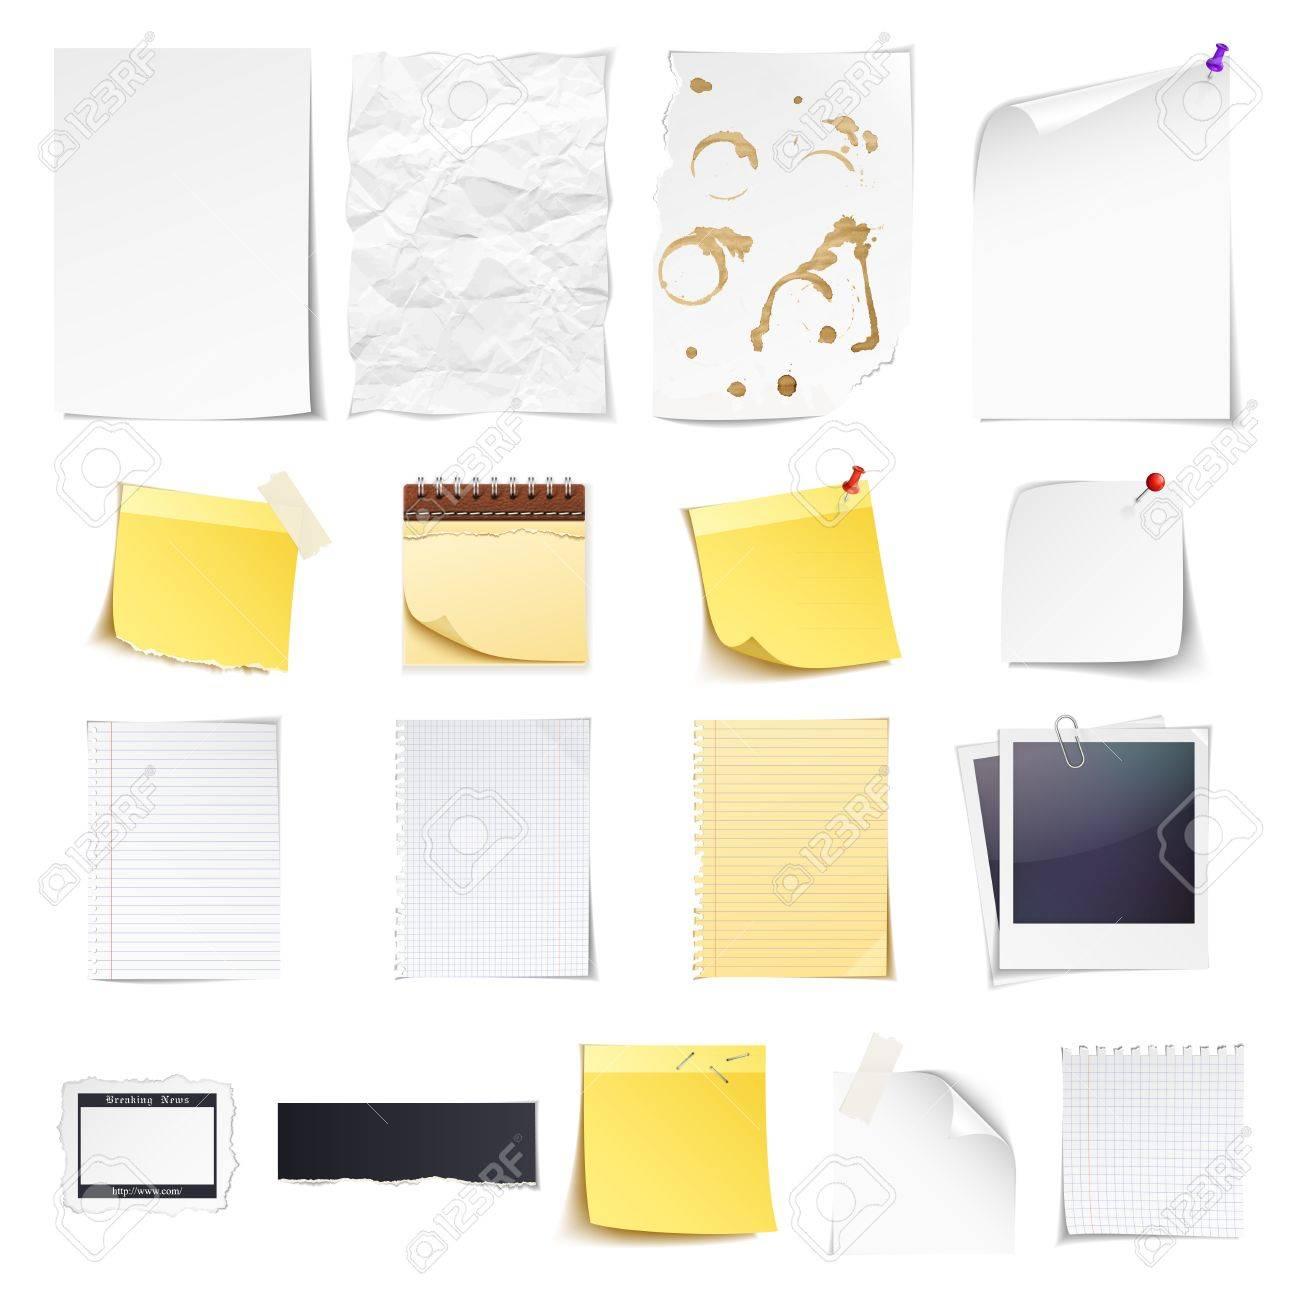 Design-Elemente Notebook, Einfaches Weißes Papier, Grunge ...